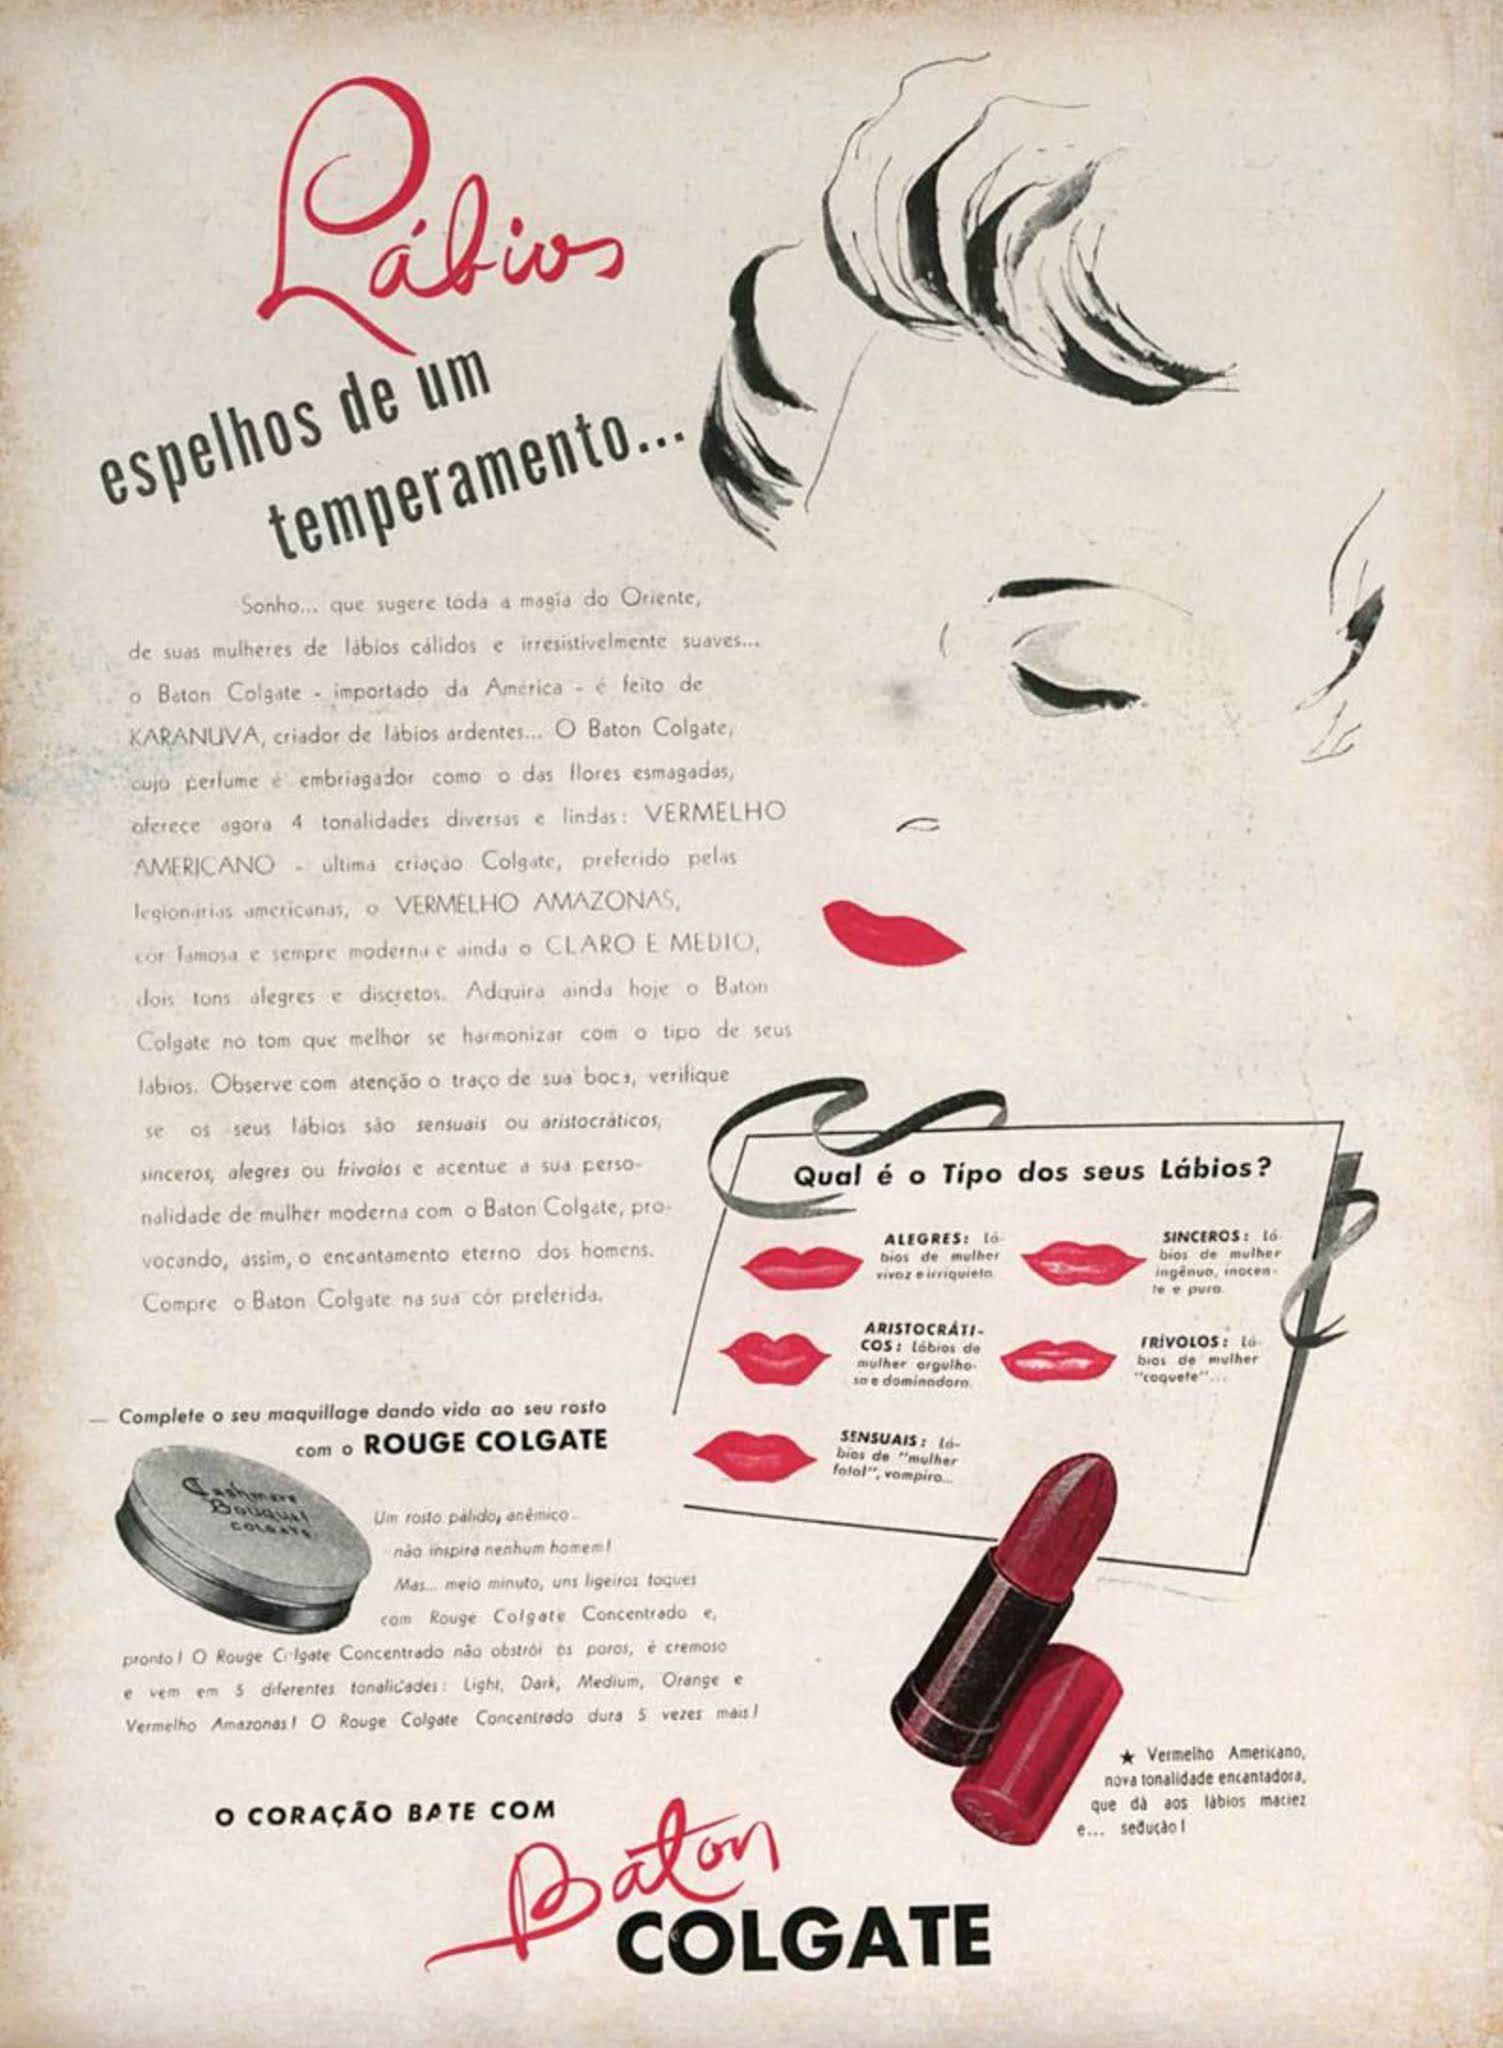 Anúncio antigo do batom Colgate veiculado em 1944